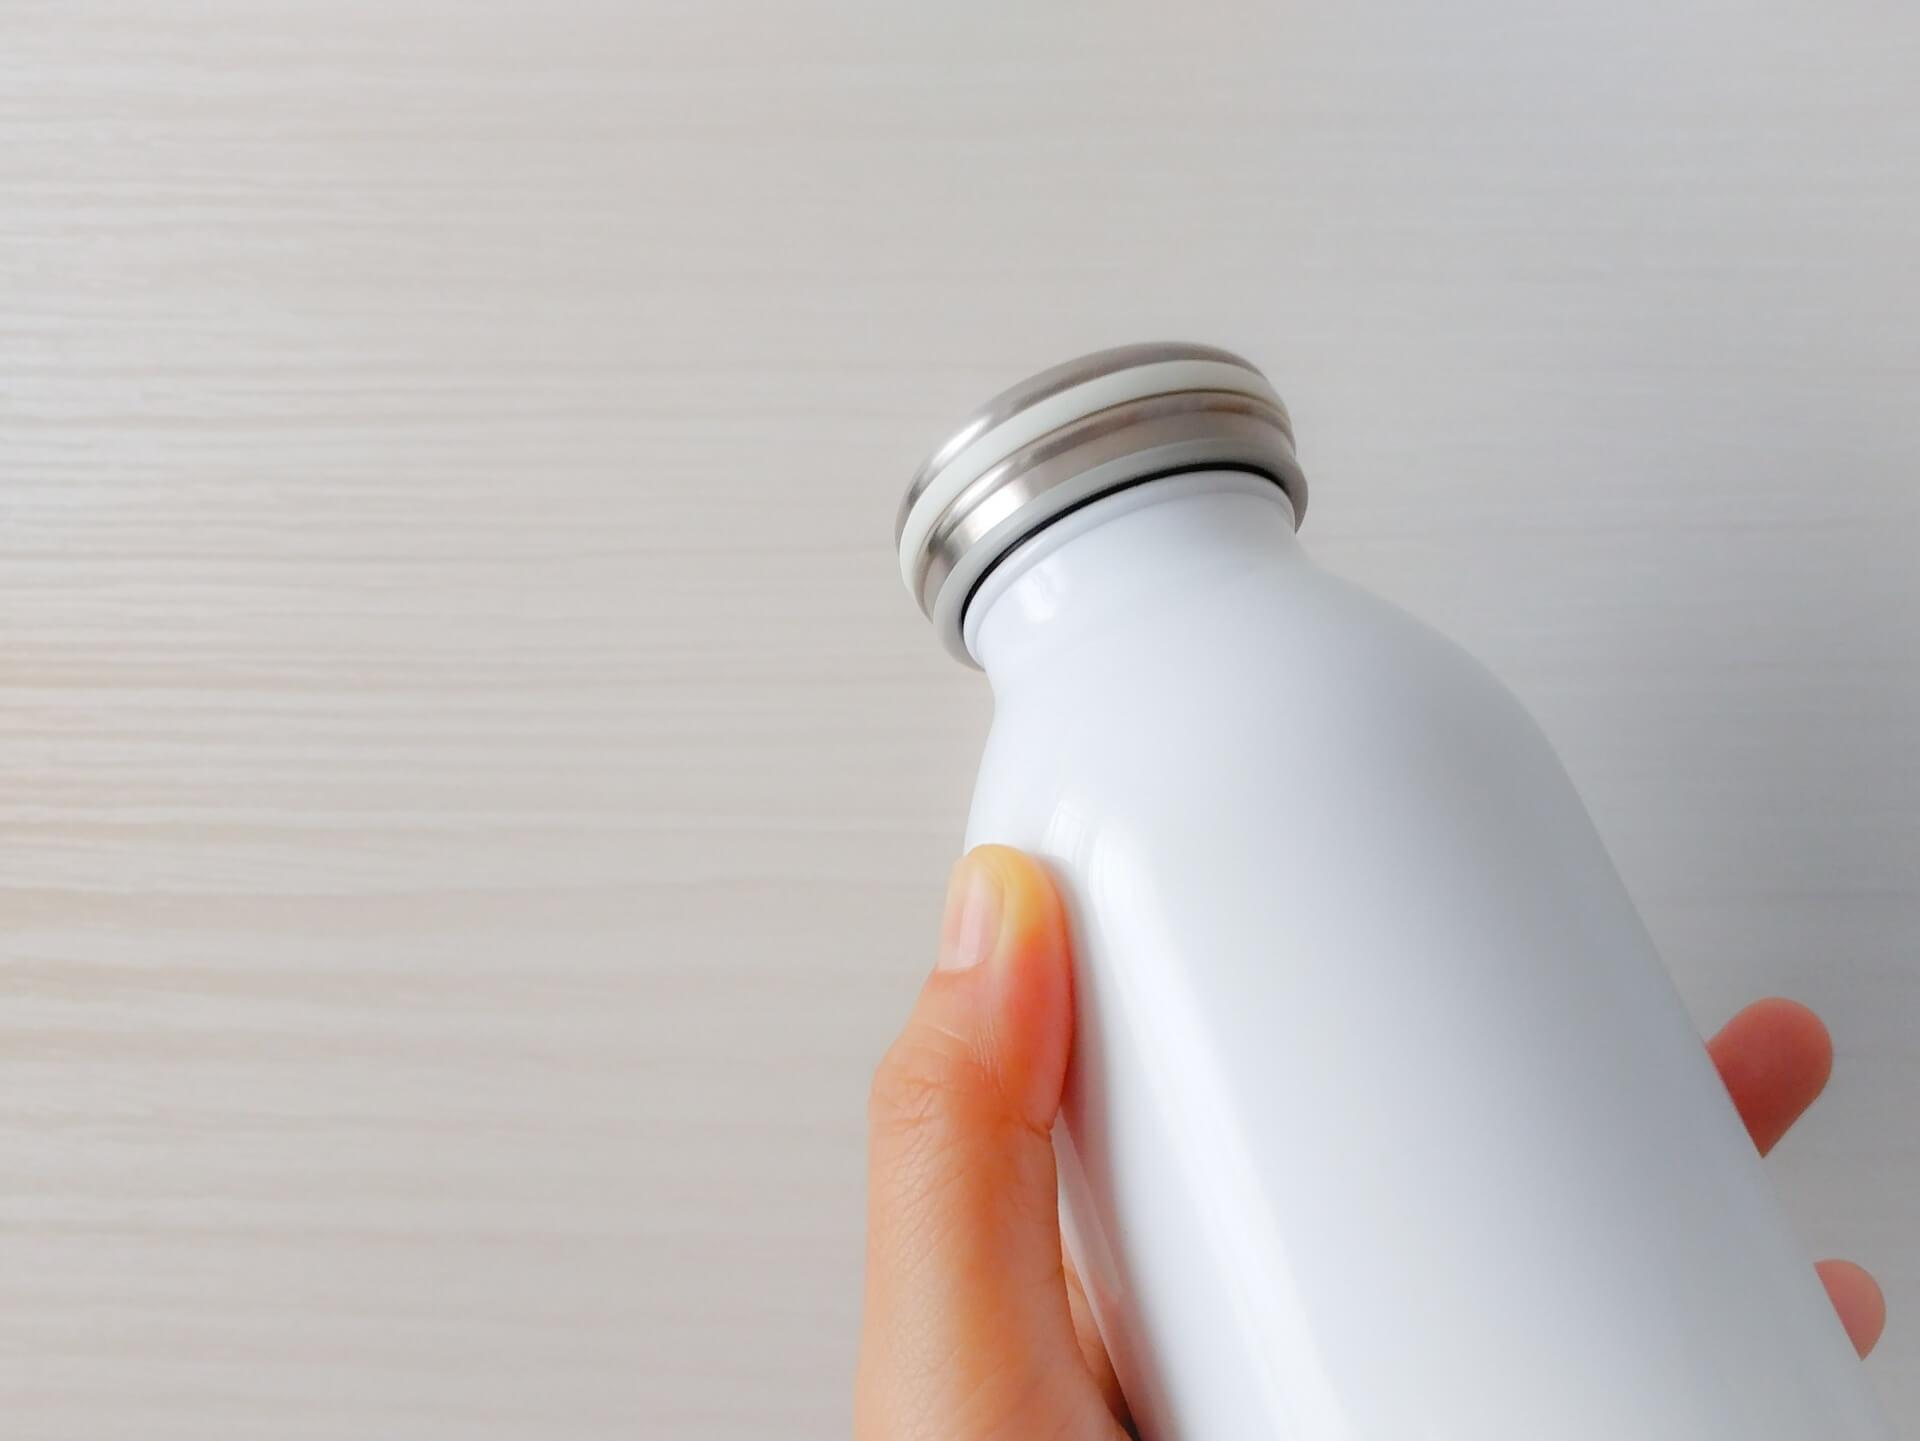 コーヒーにぴったりの水筒11選。おいしく持ち運ぶための選び方は?